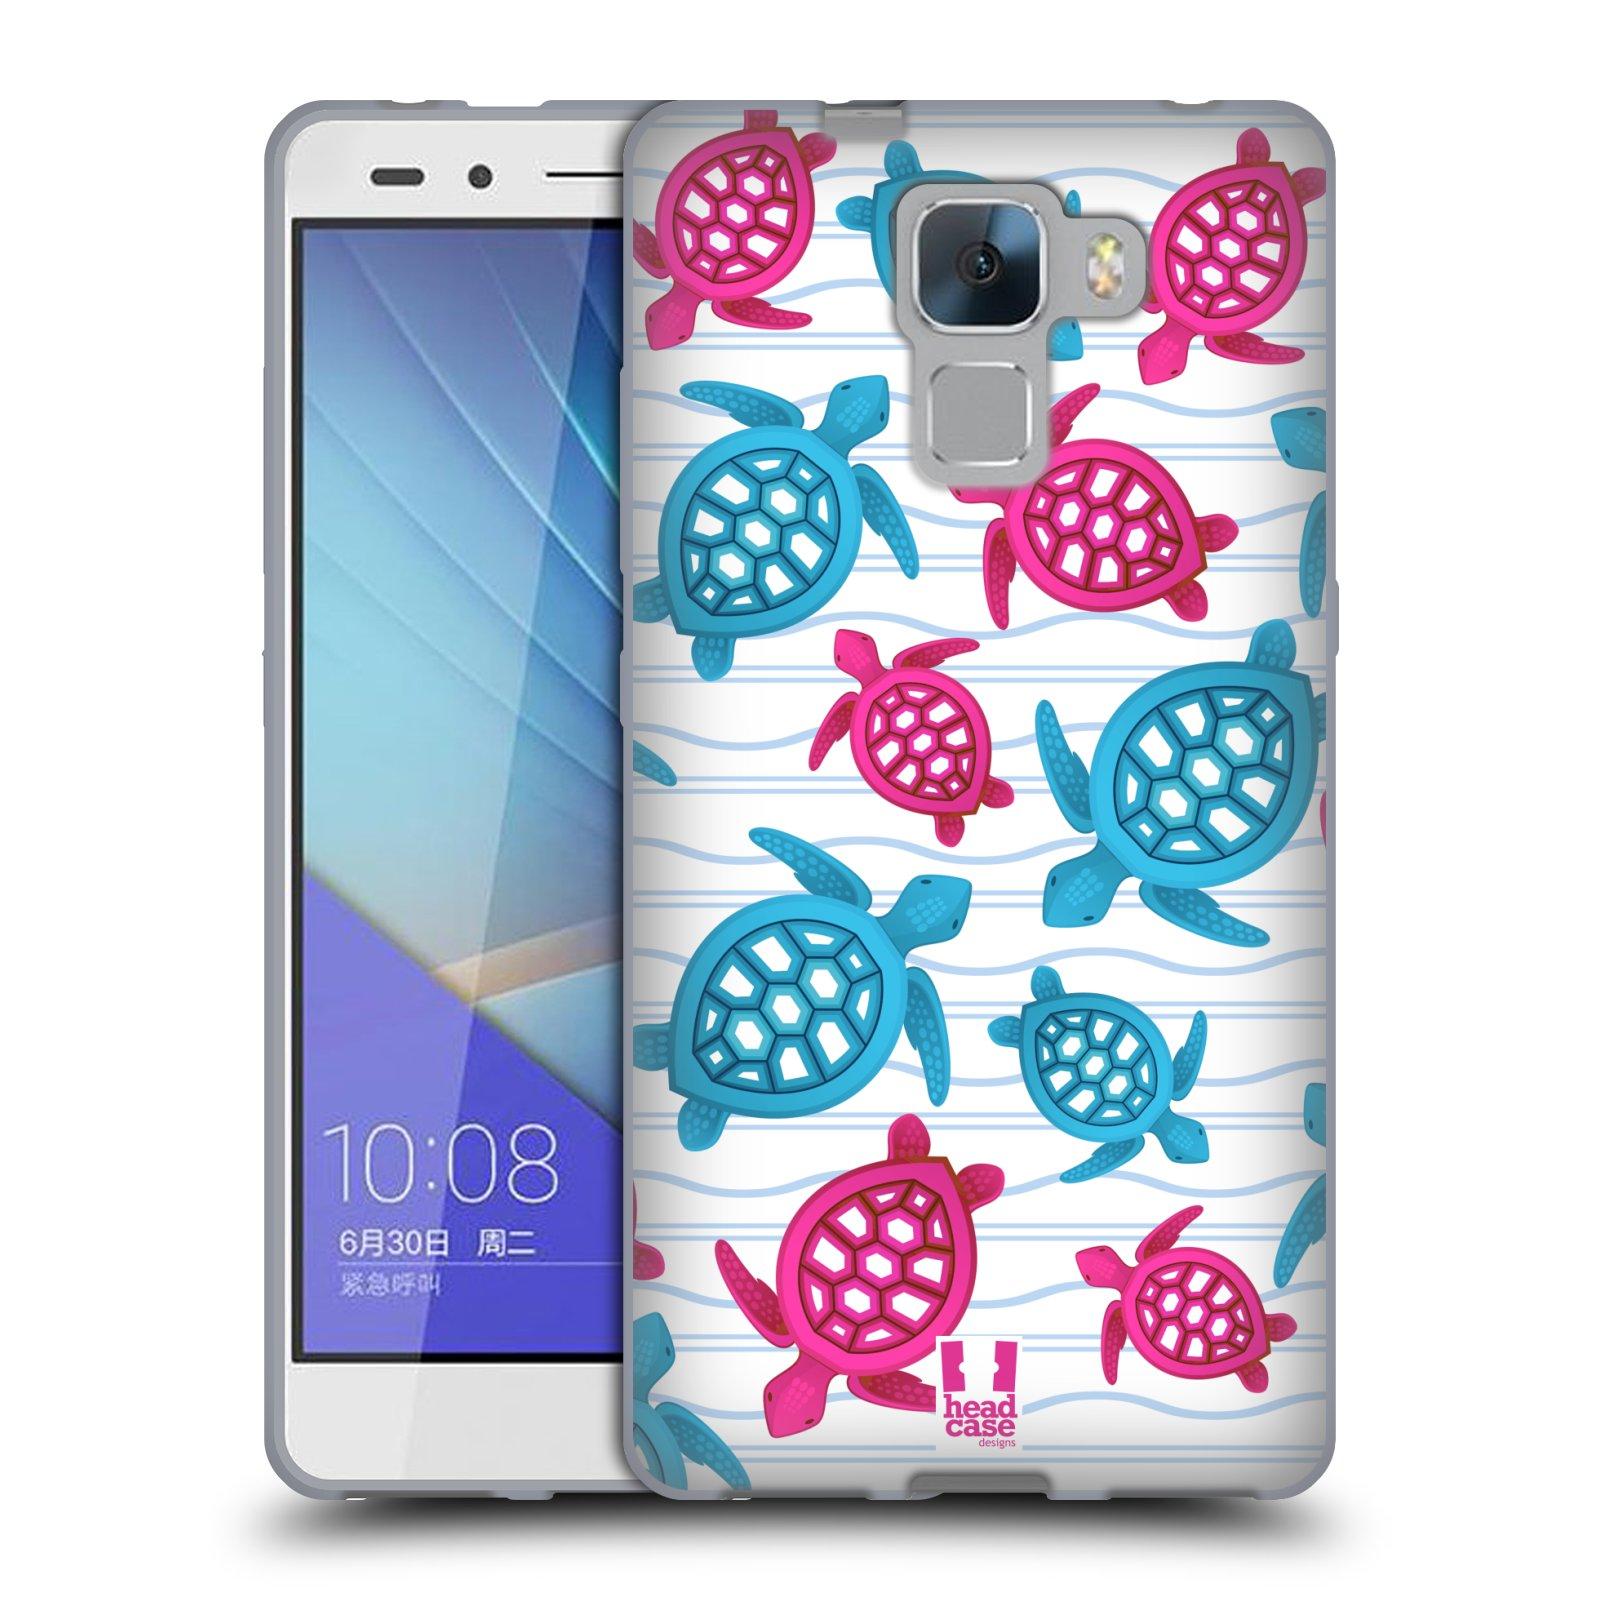 HEAD CASE silikonový obal na mobil HUAWEI HONOR 7 vzor mořský živočich želva modrá a růžová